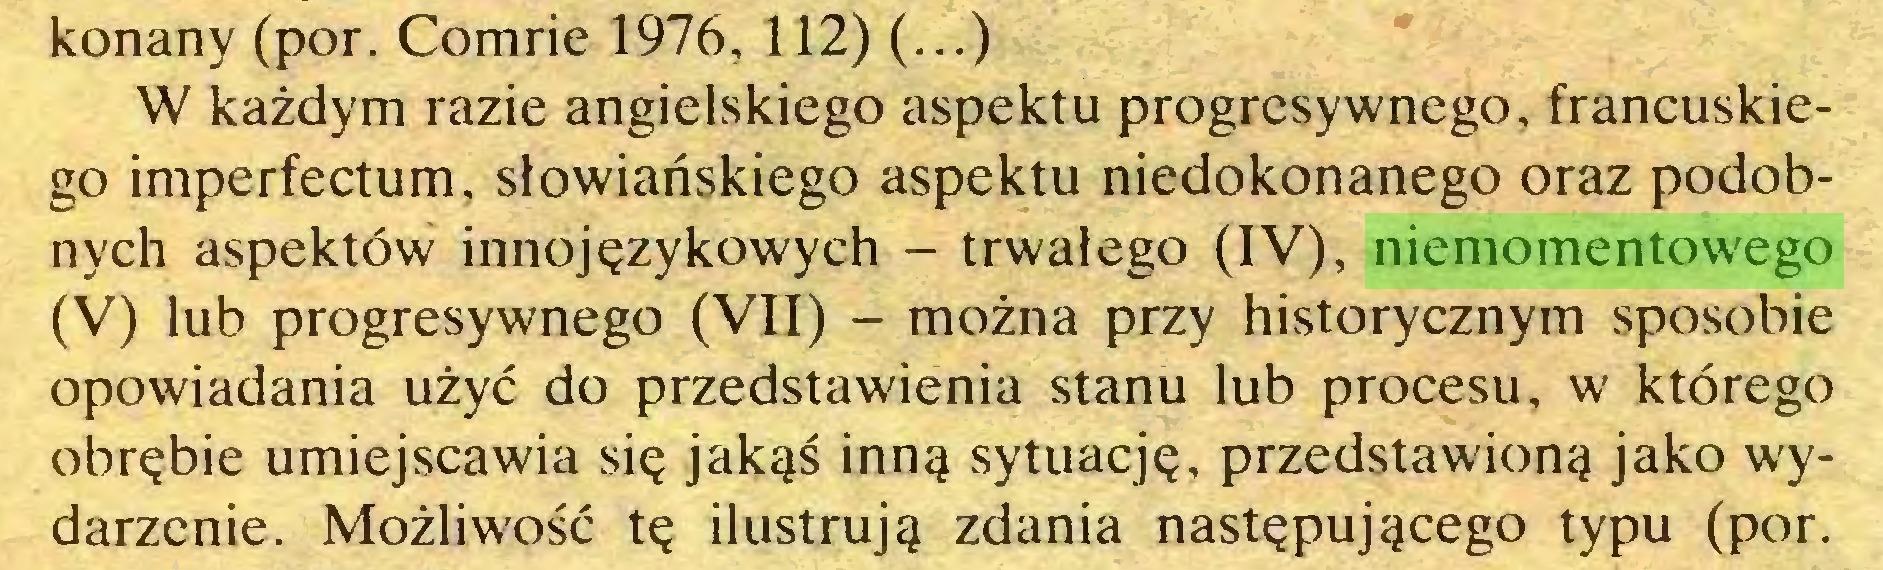 (...) konany (por. Comrie 1976,112) (...) W każdym razie angielskiego aspektu progresywnego, francuskiego imperfectum, słowiańskiego aspektu niedokonanego oraz podobnych aspektów innojęzykowych - trwałego (IV), niemomentowego (V) lub progresywnego (VII) - można przy historycznym sposobie opowiadania użyć do przedstawienia stanu lub procesu, w którego obrębie umiejscawia się jakąś inną sytuację, przedstawioną jako wydarzenie. Możliwość tę ilustrują zdania następującego typu (por...